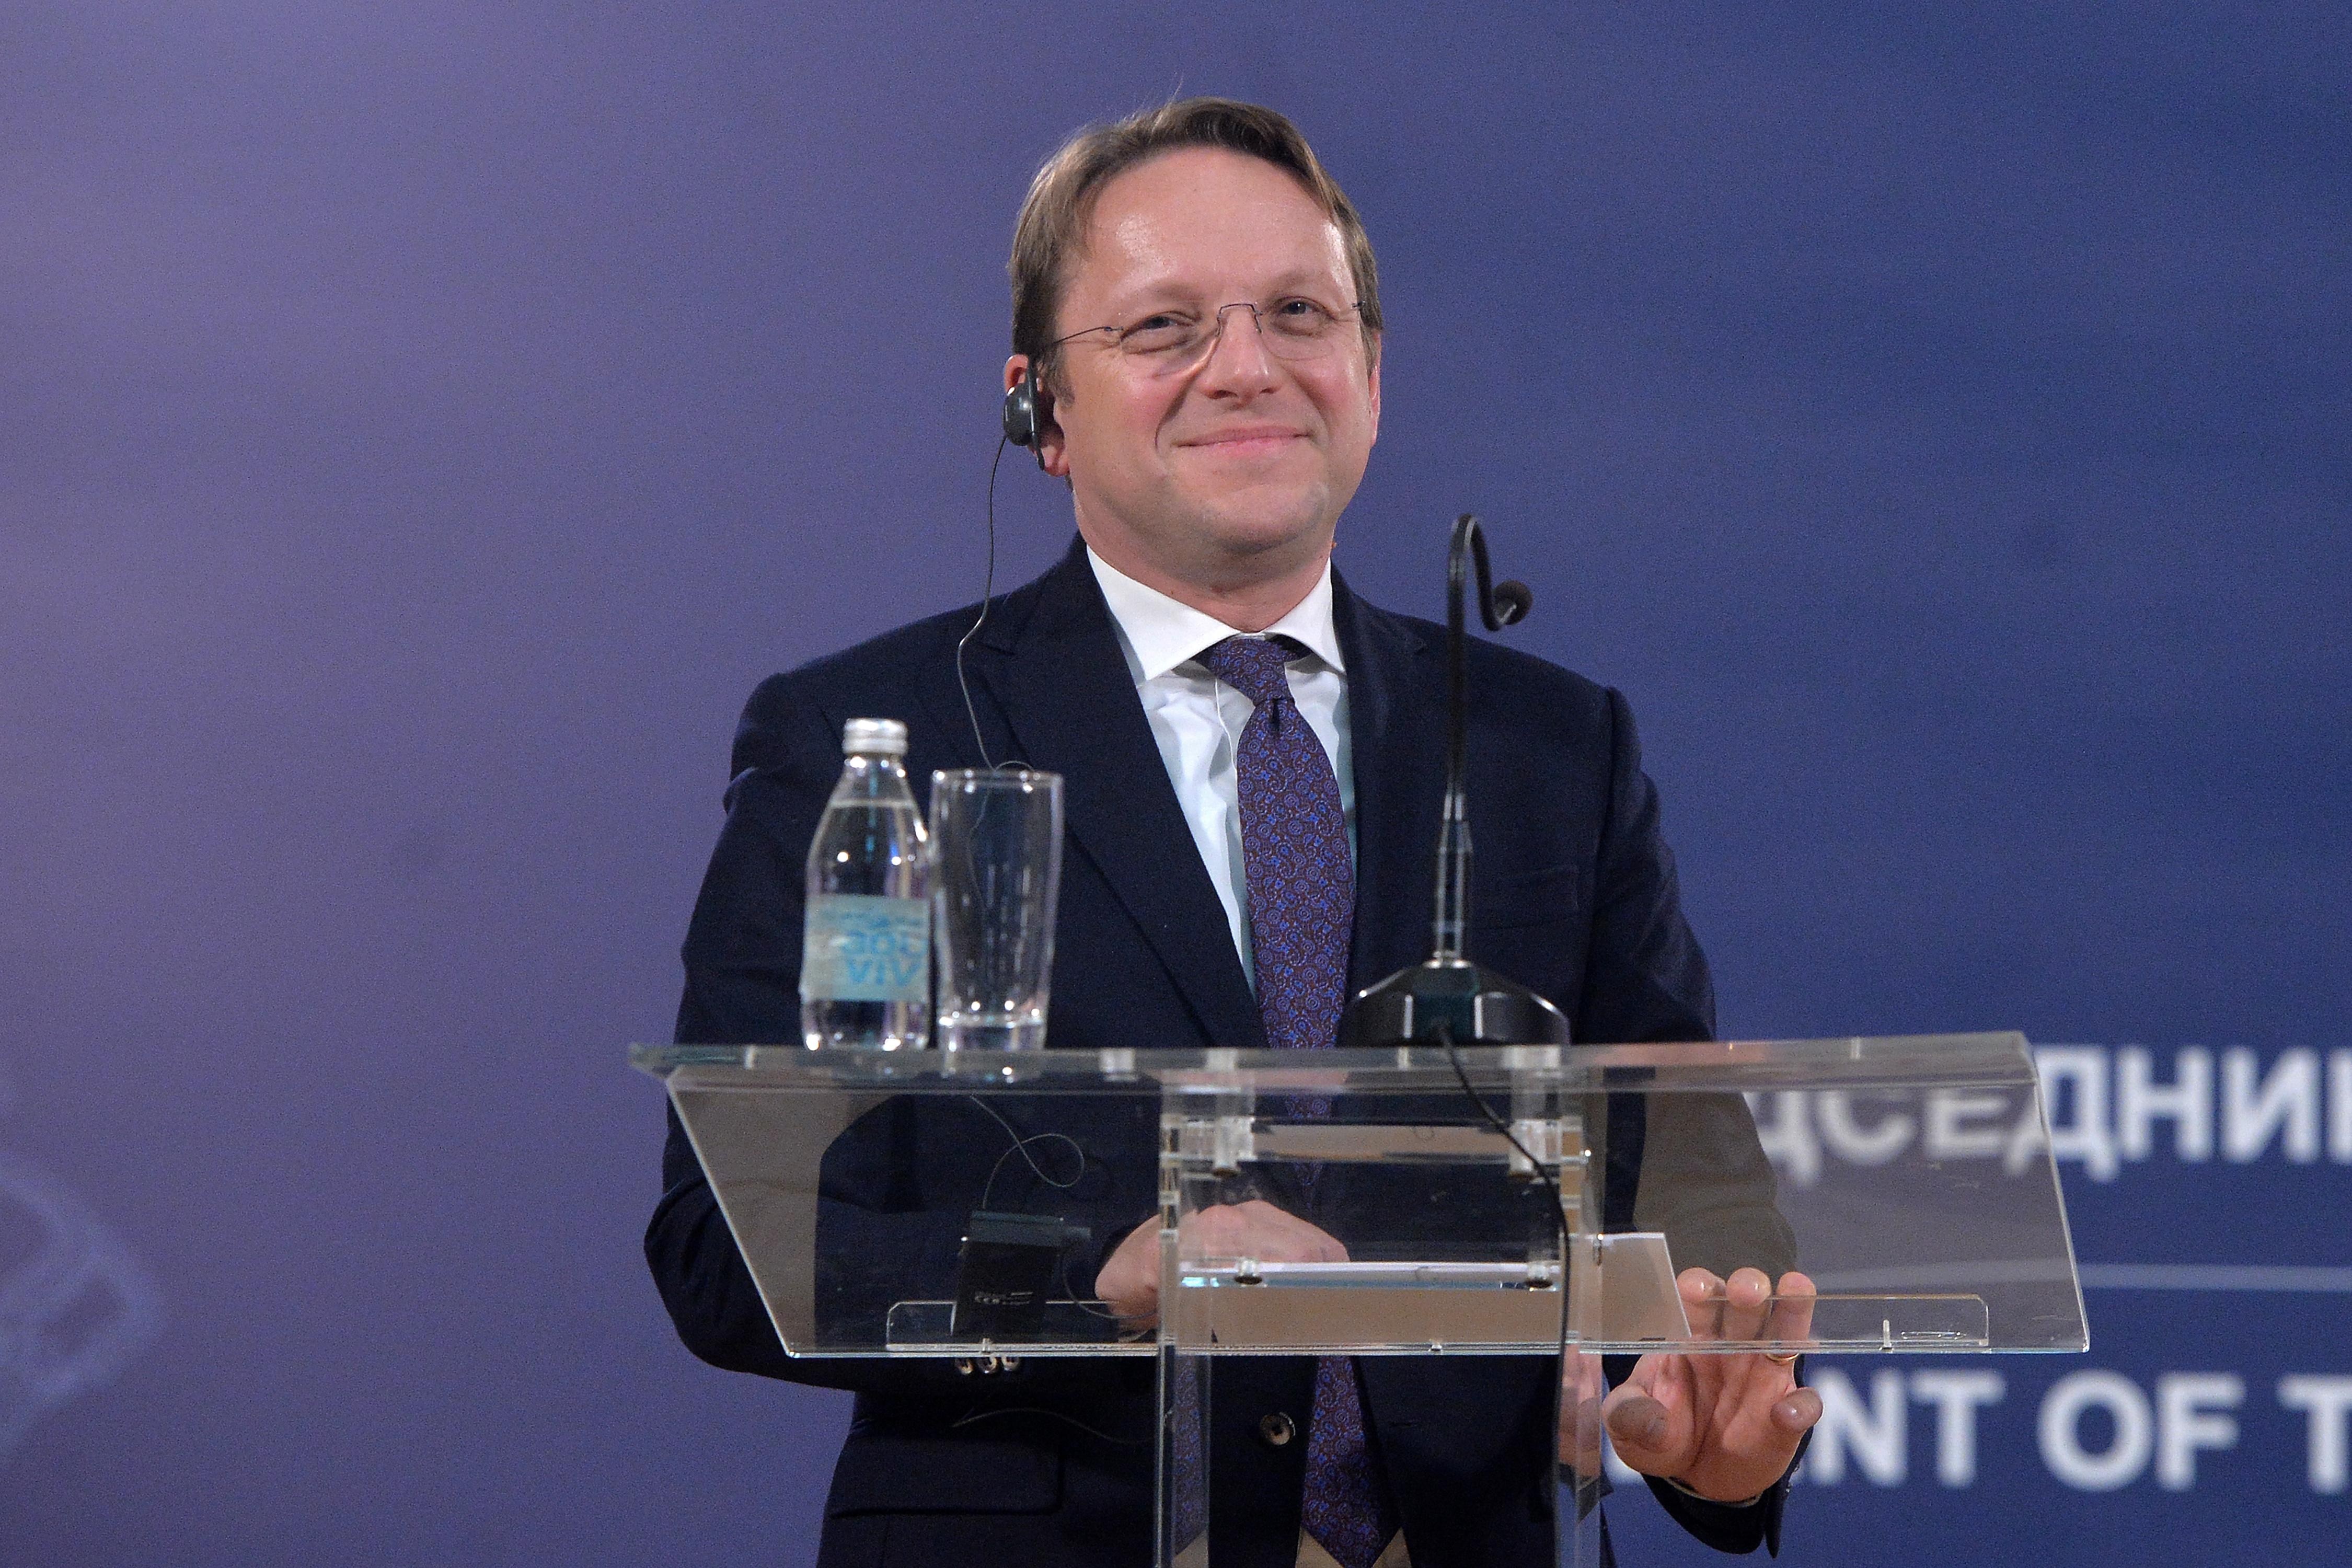 Varheji:Crna Gora mora da radi na jačanju ljudskih prava